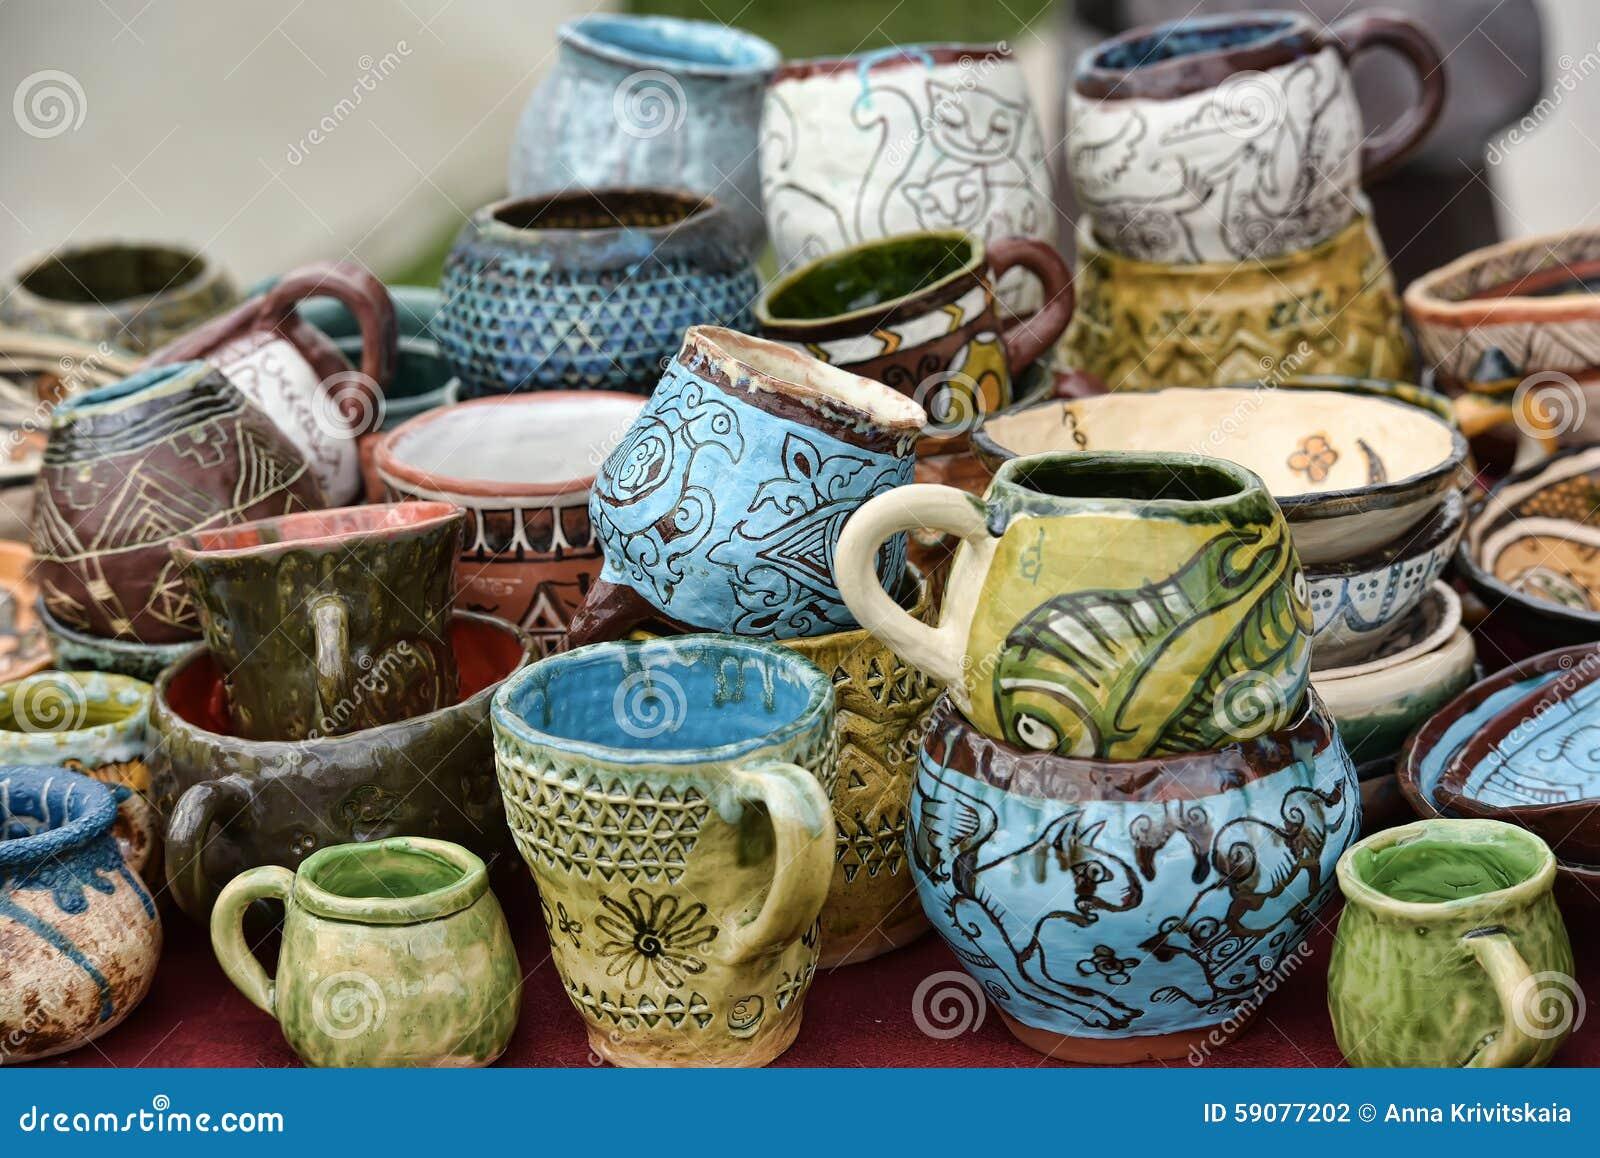 陶瓷杯子和碗有滑稽的图画的